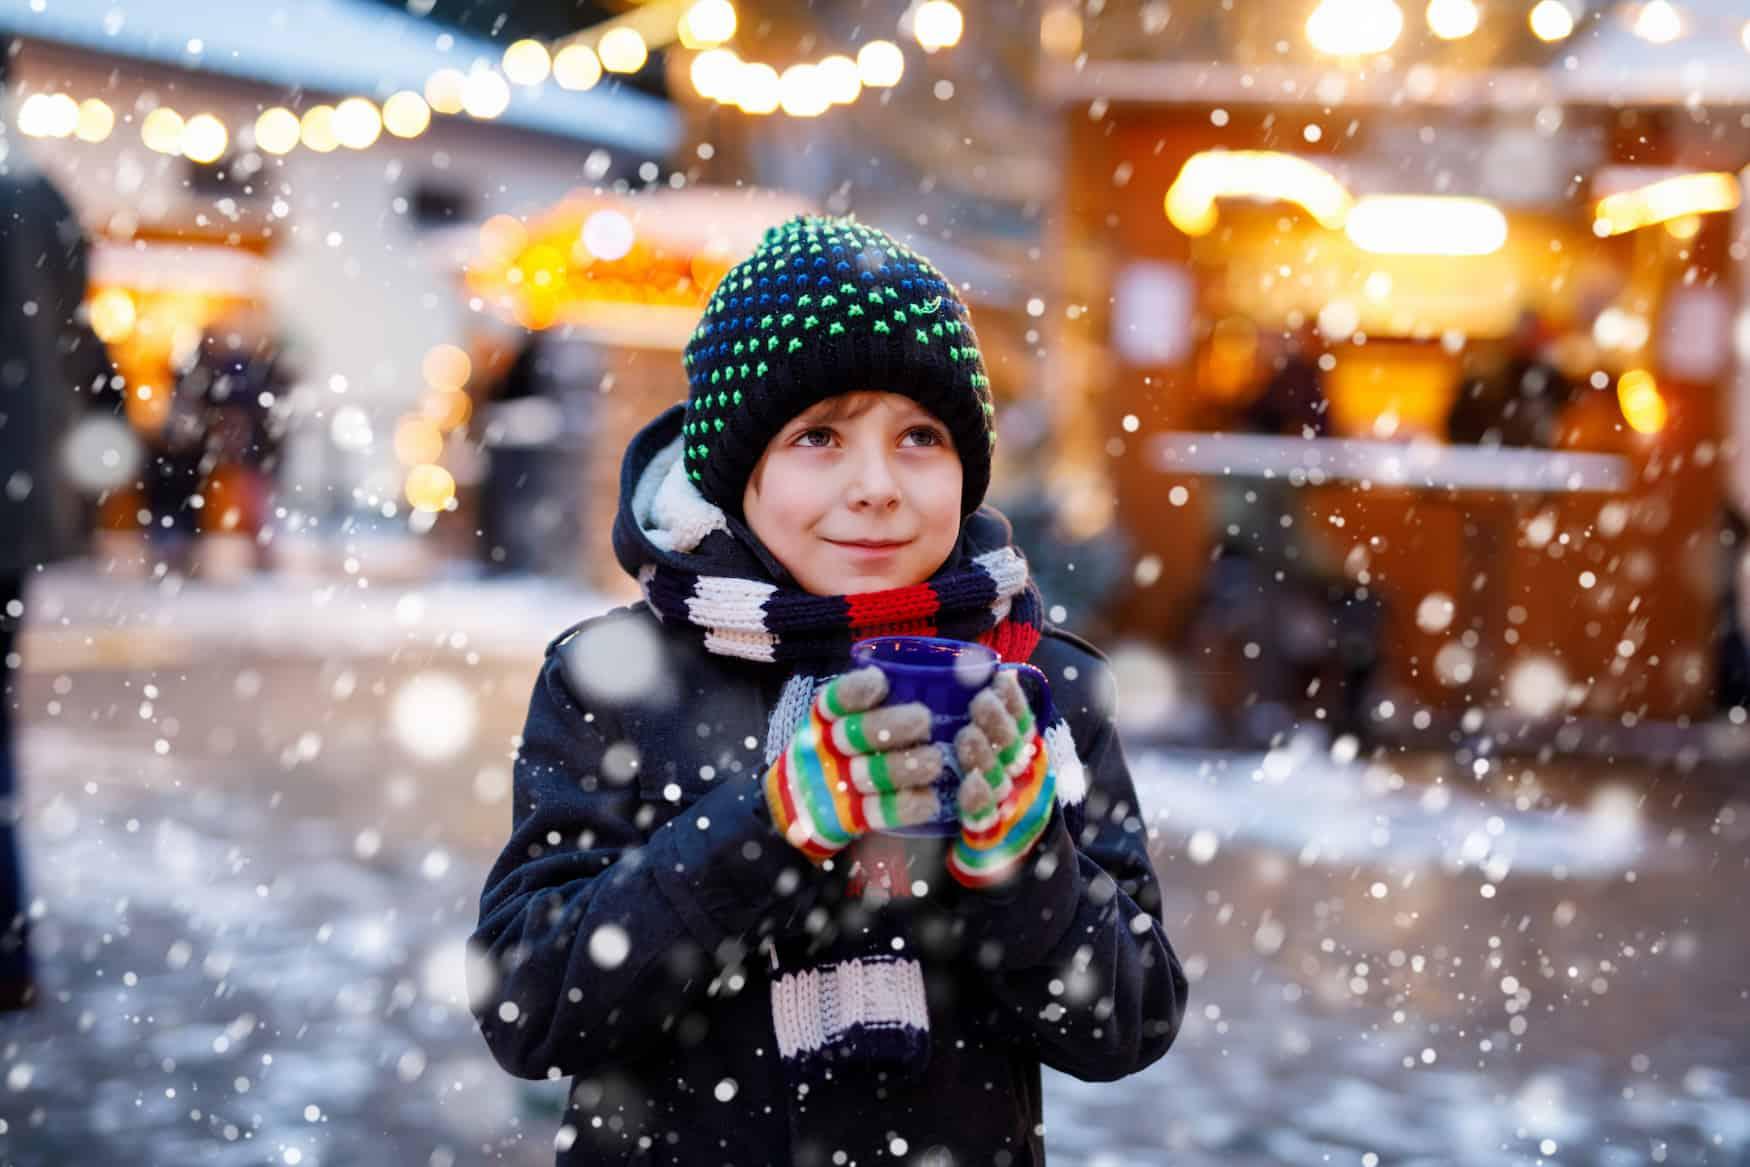 kleines Kind im Schnee